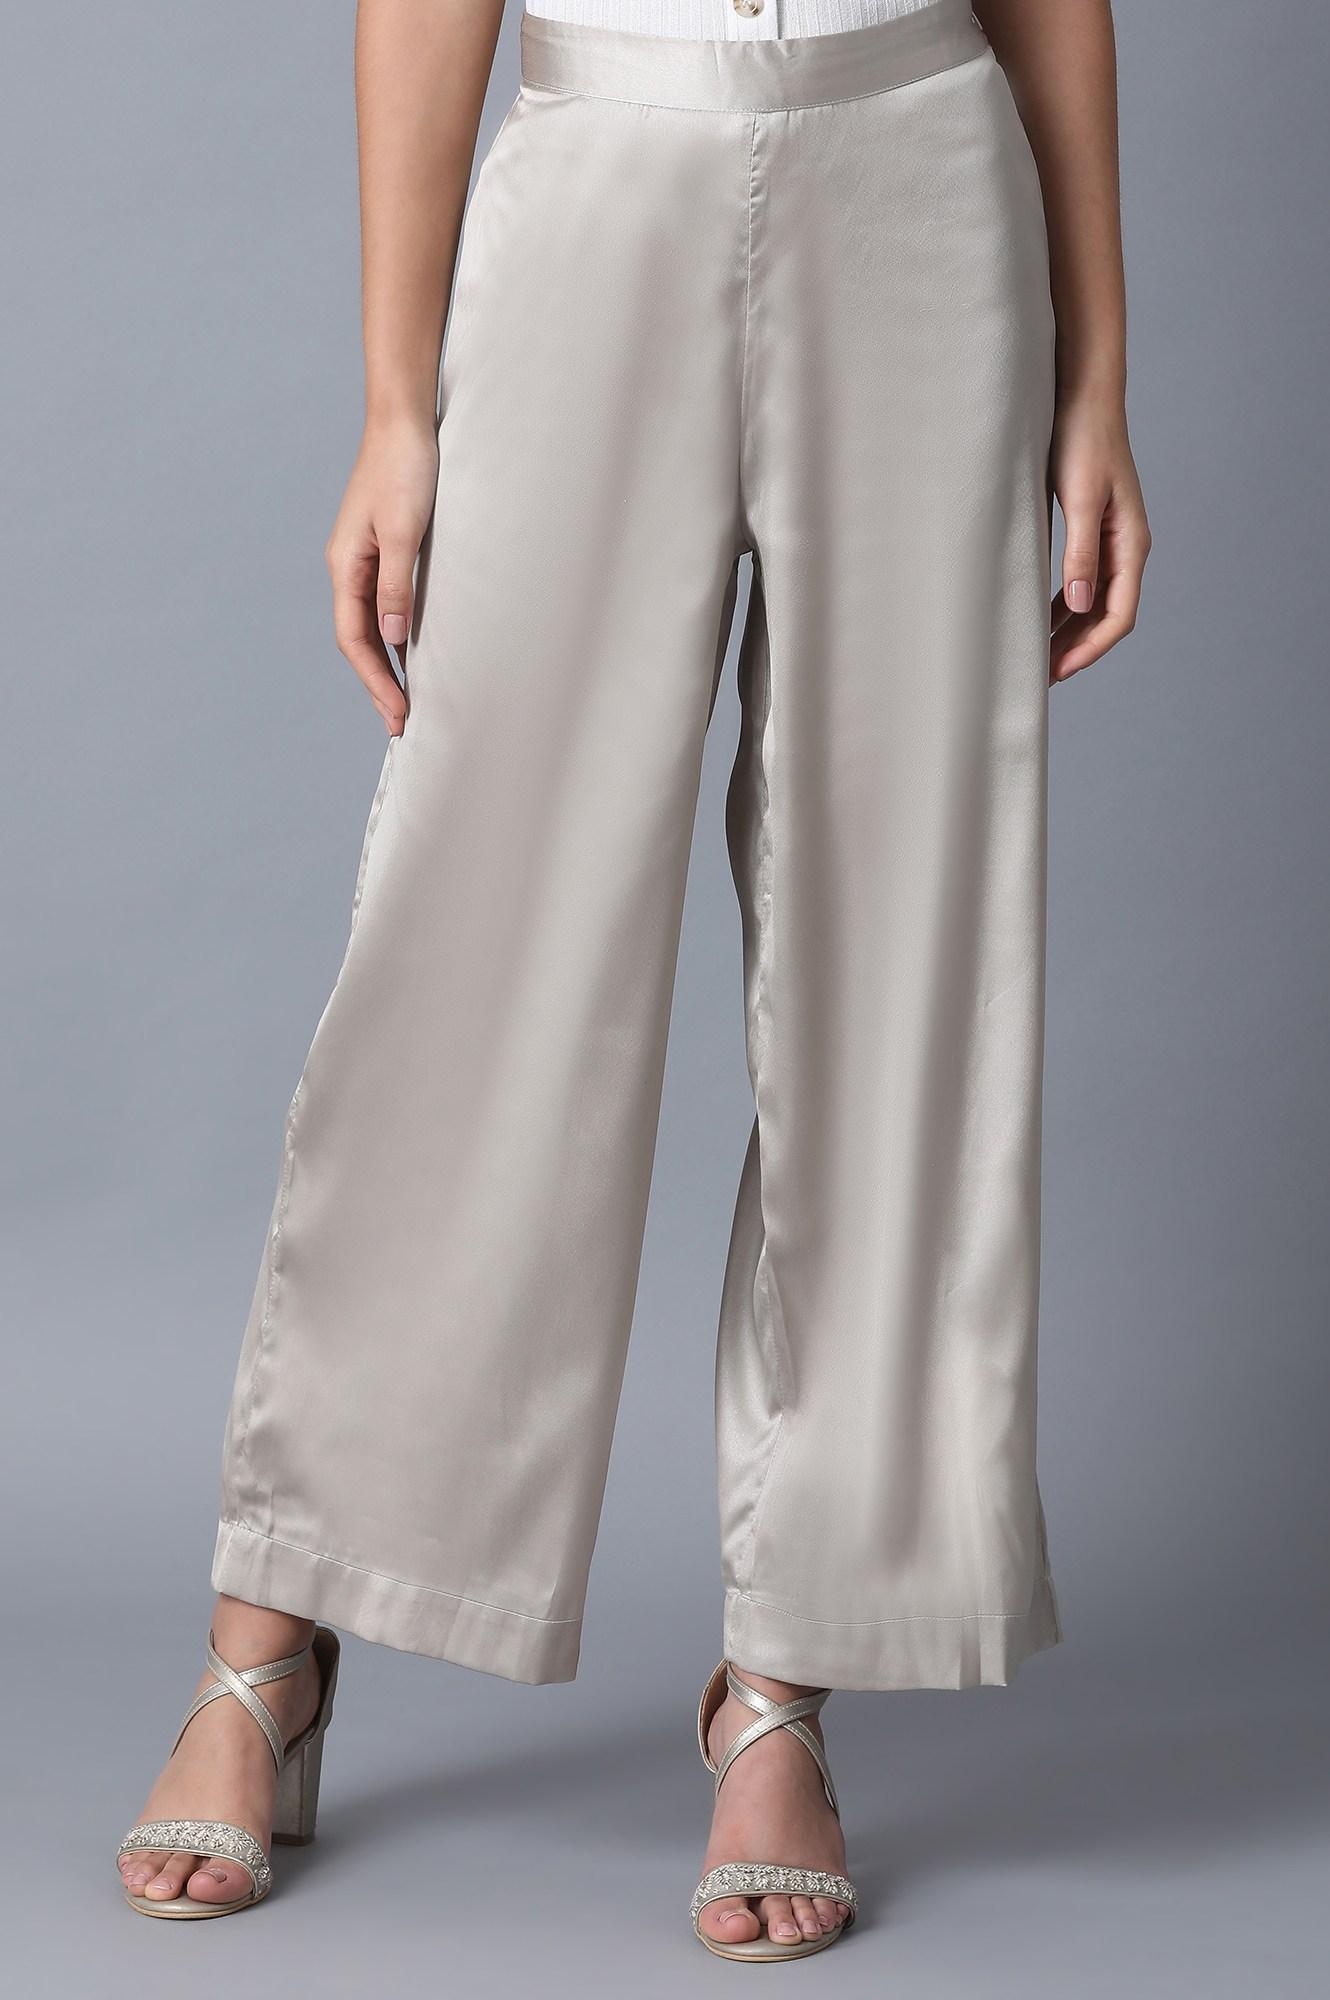 W | Wishful by W-Women Multi Color Pants